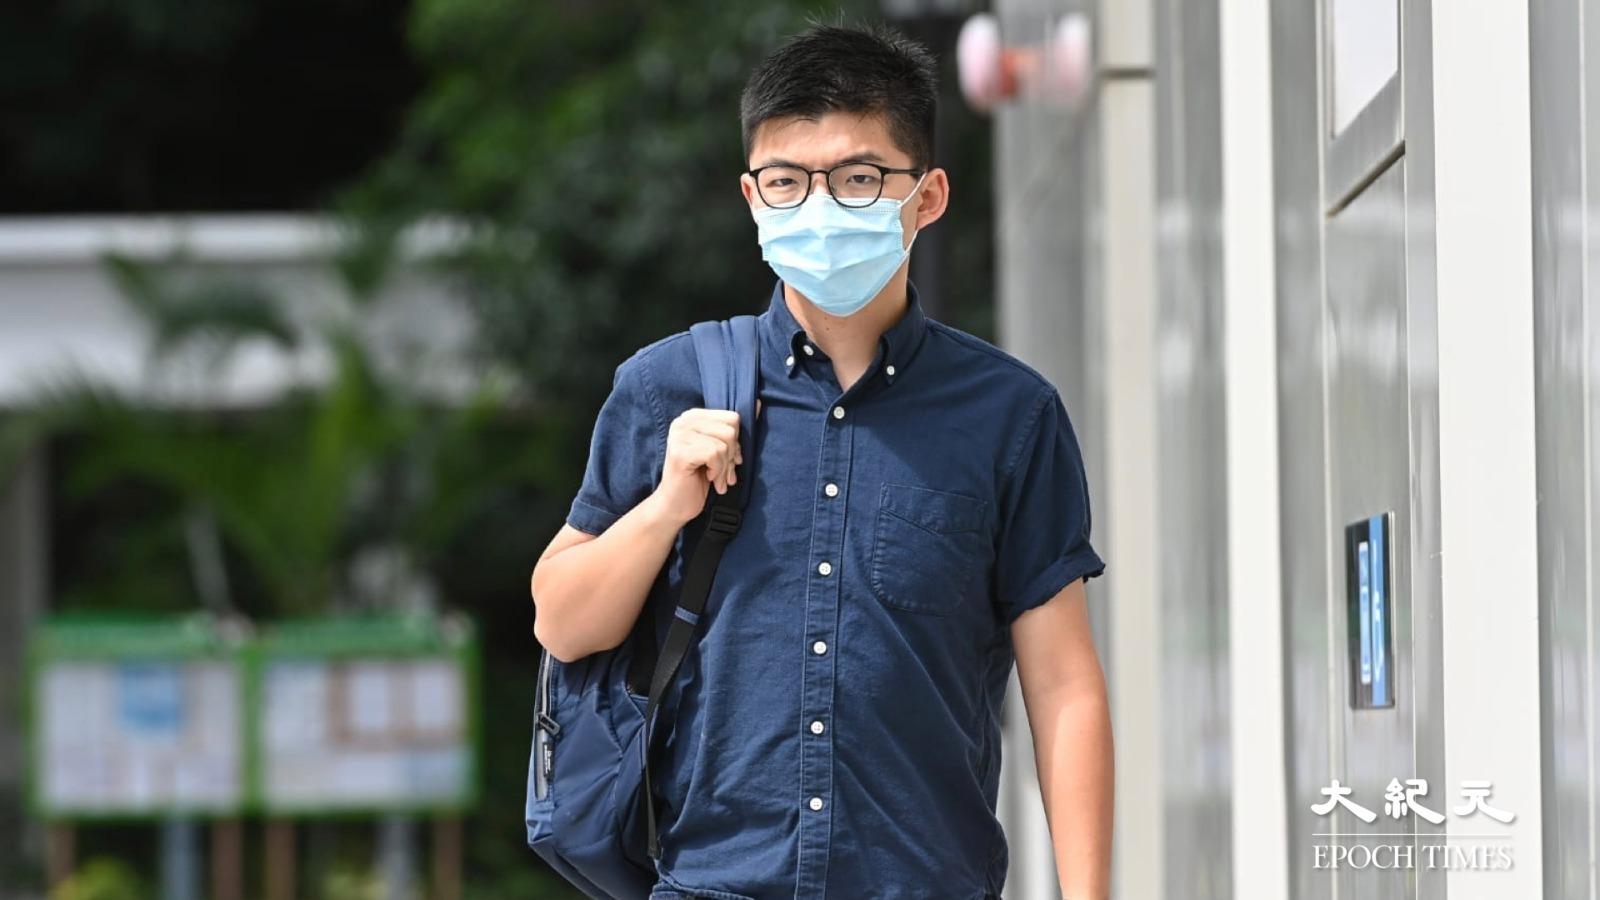 7日,香港國安處以違反「港版國安法」的罪名,拘捕正在石壁監獄服刑的前香港眾志秘書長黃之鋒。(大紀元資料圖片)